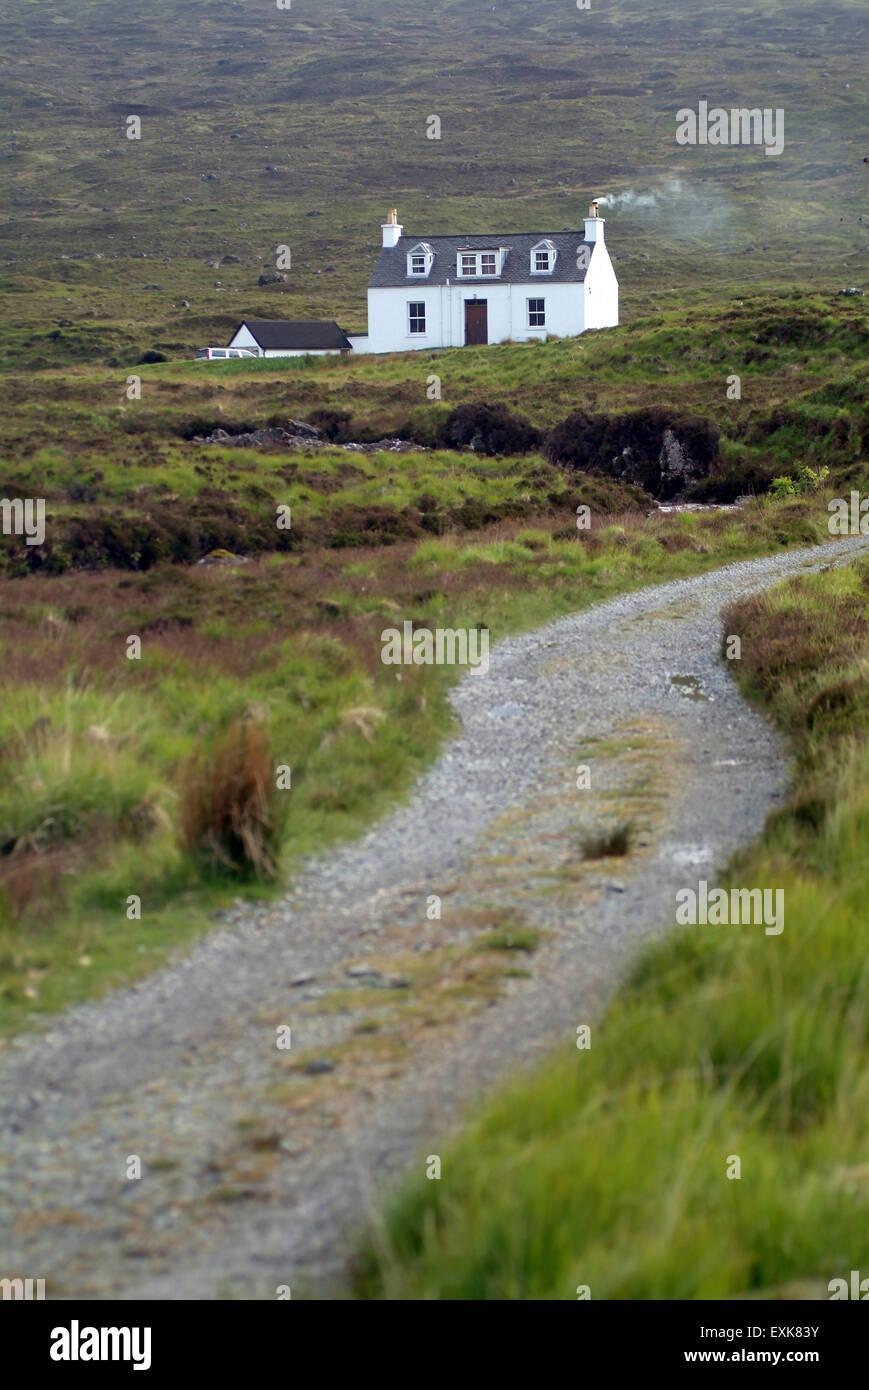 Lonely house on the isle of skye, scotland, UK, Europe - Stock Image